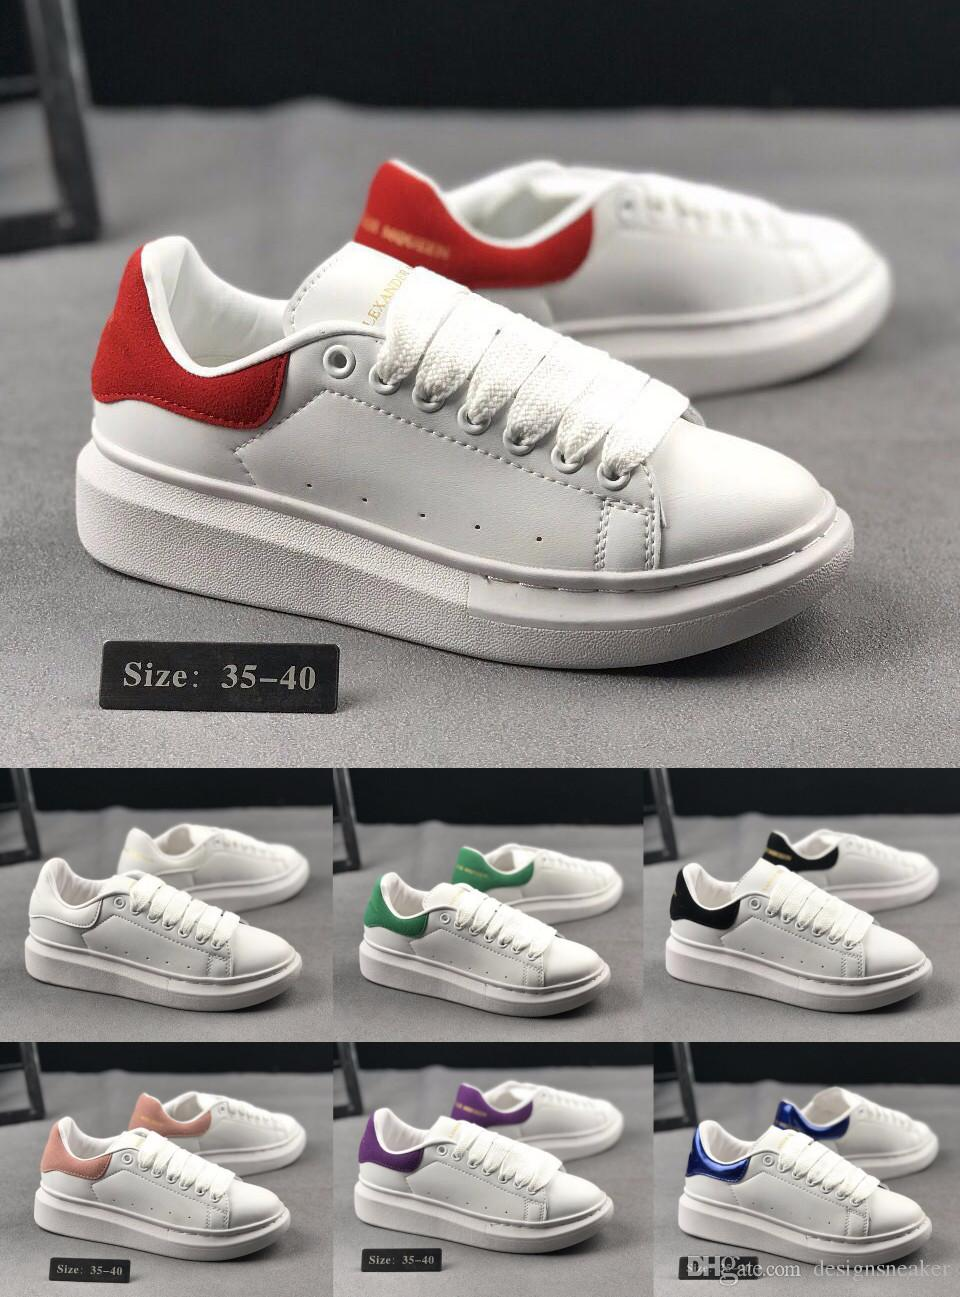 selezione premium 425d0 3e3e6 Acquista 2019 Fashion Luxury Designer Sneakers Donna Uomo In Pelle Casual  Walking Party Dress Shoes Sneaker Di Alta Qualità A $52.74 Dal  Designsneaker ...